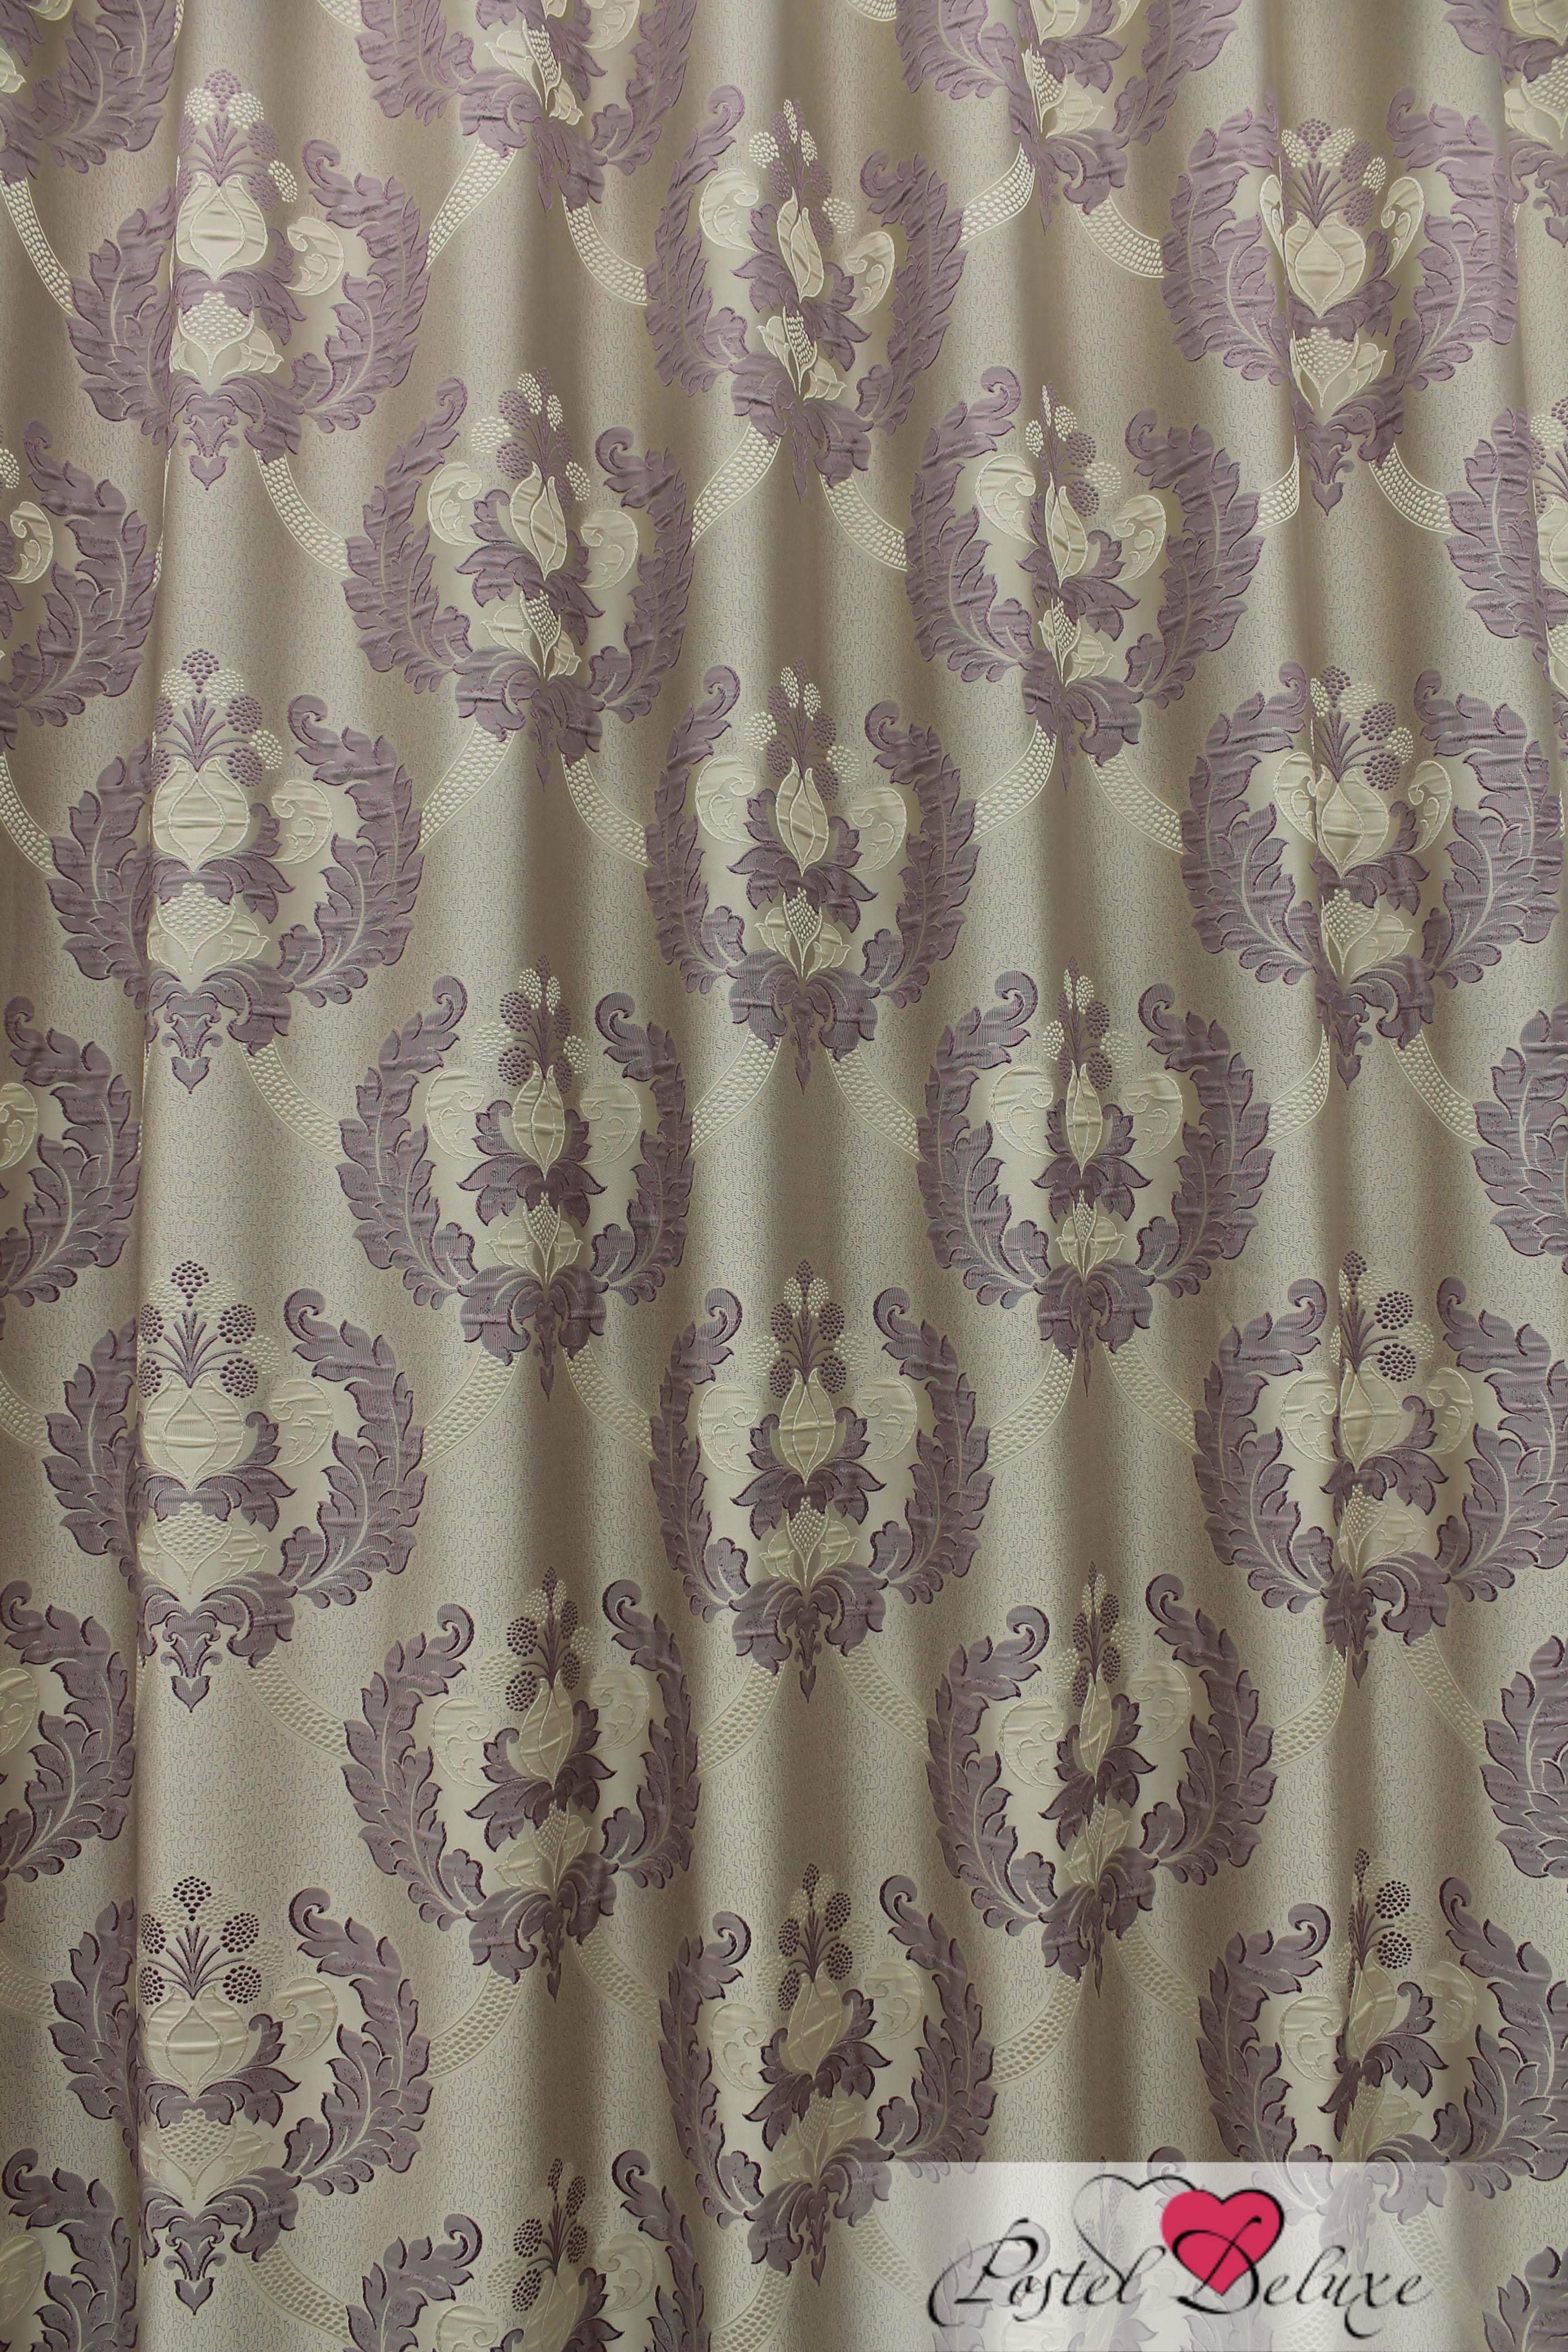 Шторы Sanpa Классические шторы Силвана Цвет: Сиреневый шторы tac классические шторы winx цвет персиковый 200x265 см